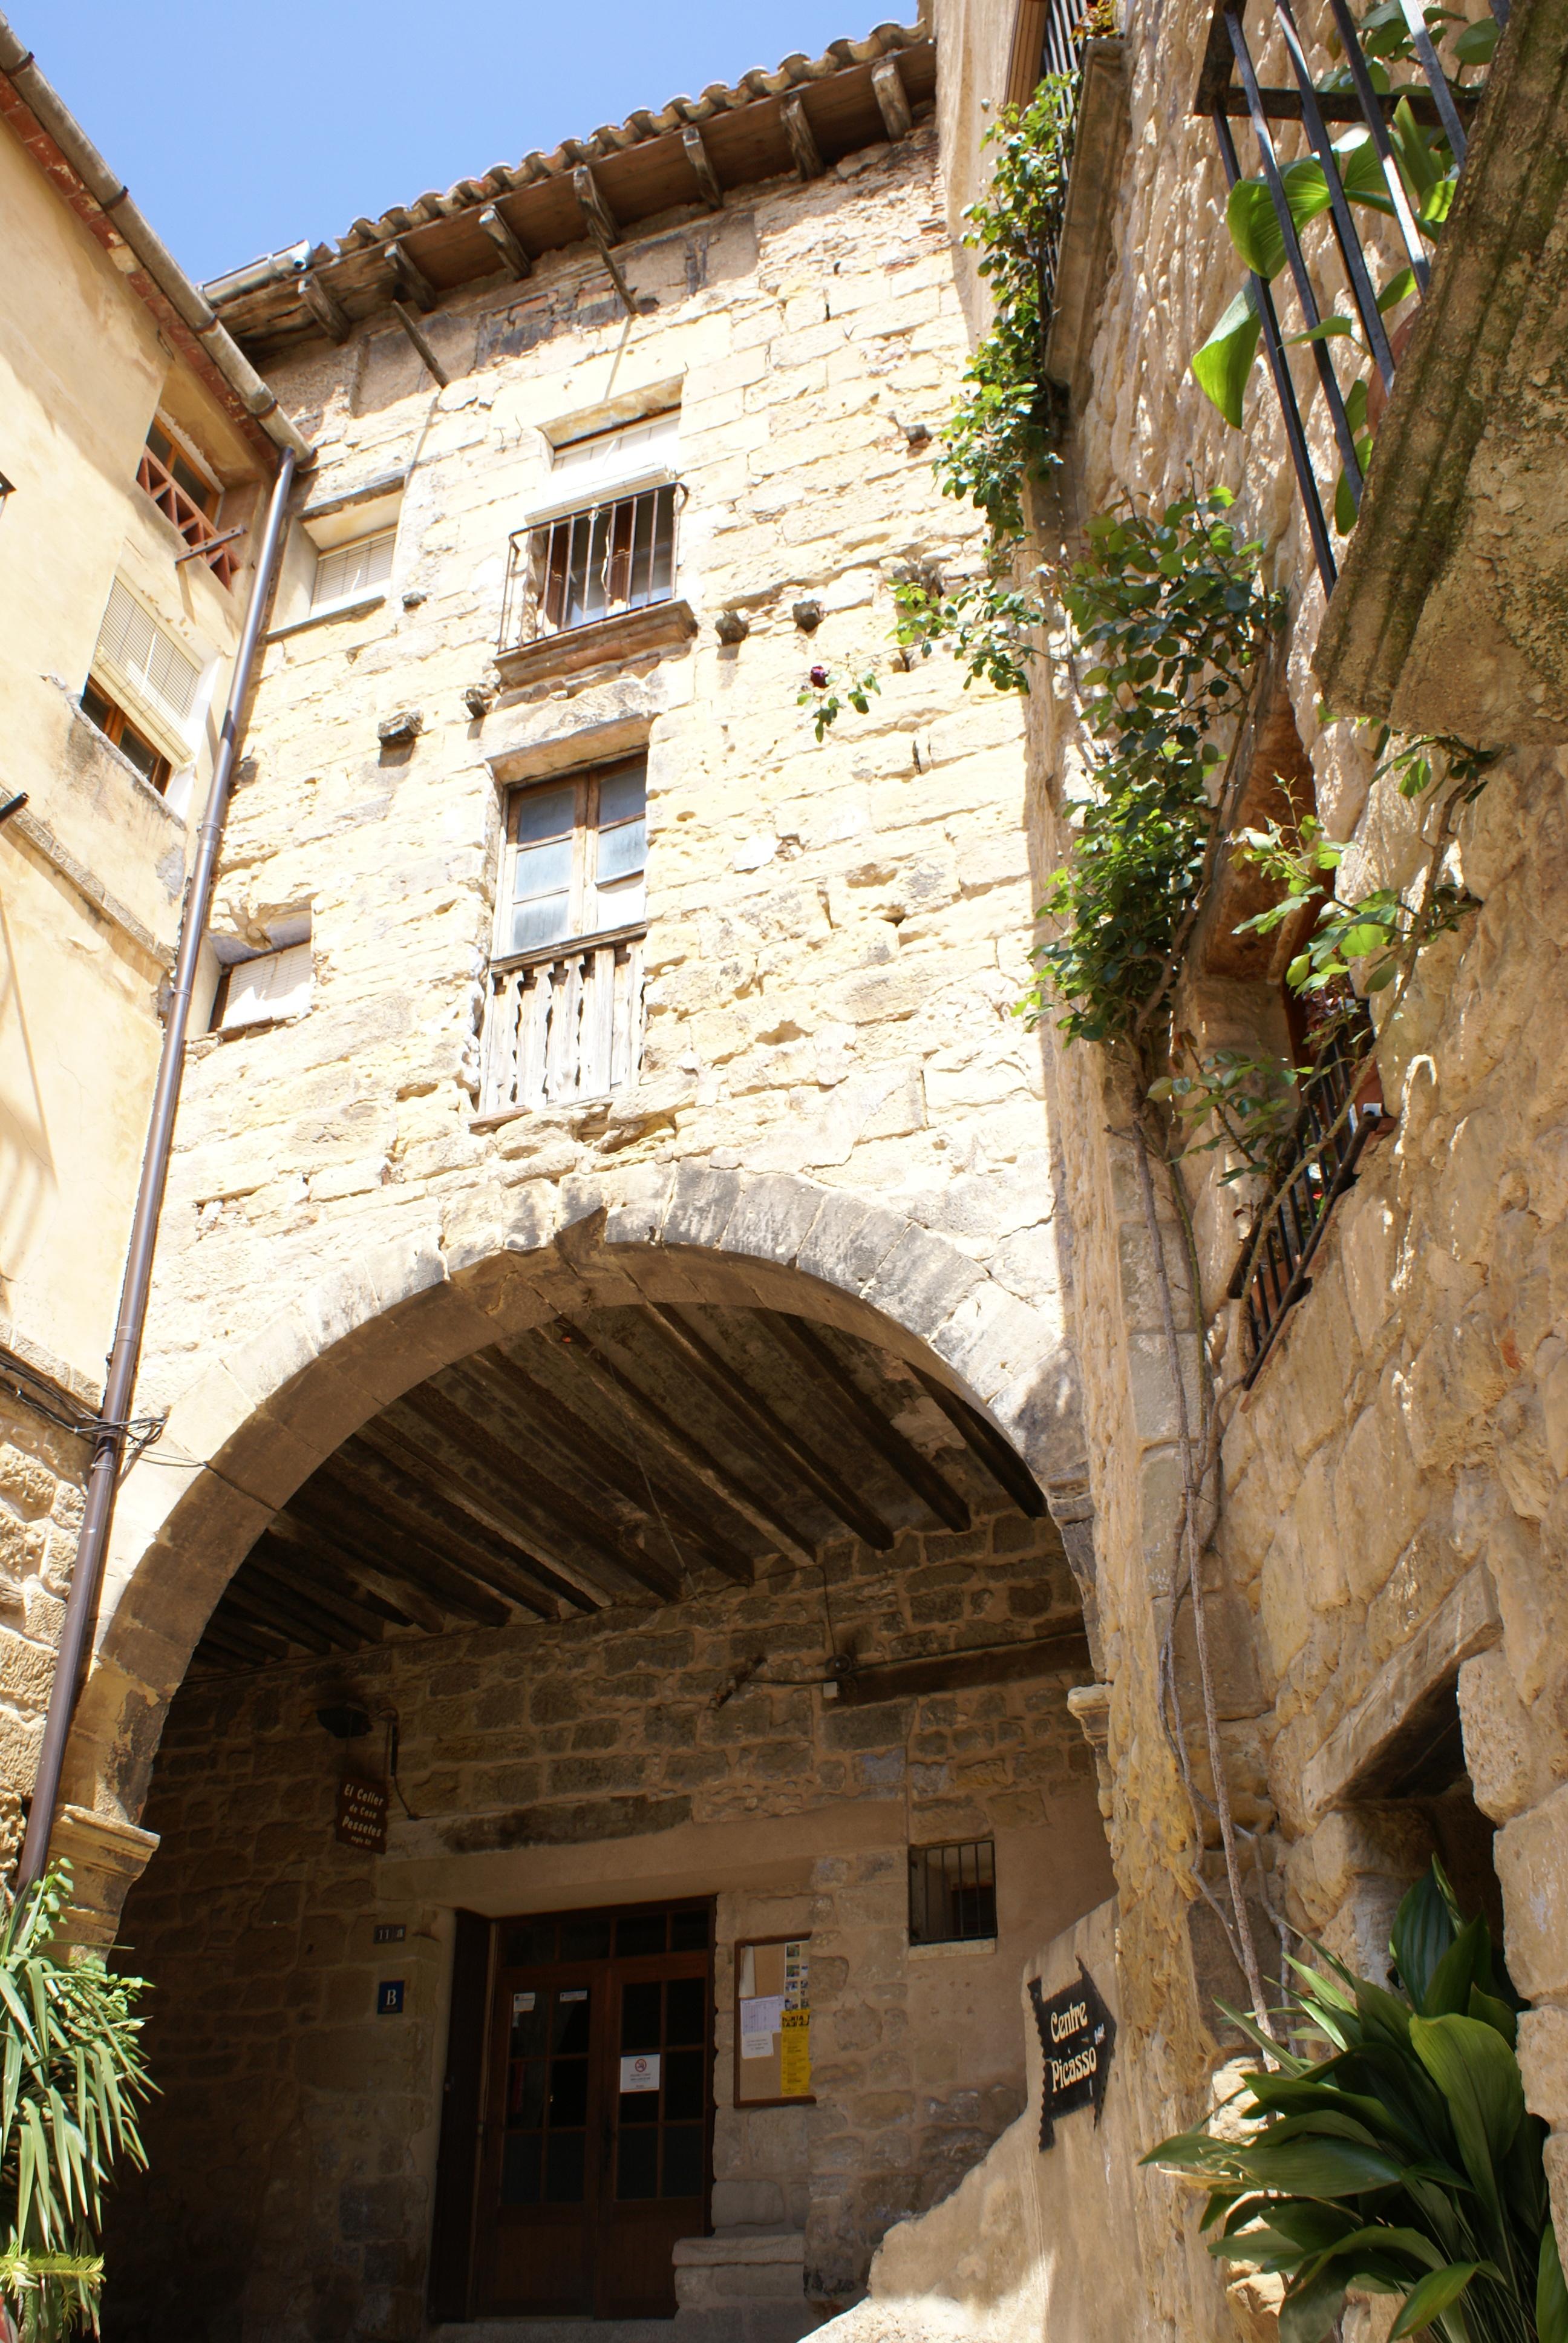 Horta casa rural a horta de sant joan seniadedonpedro - Casa rural sant marc ...